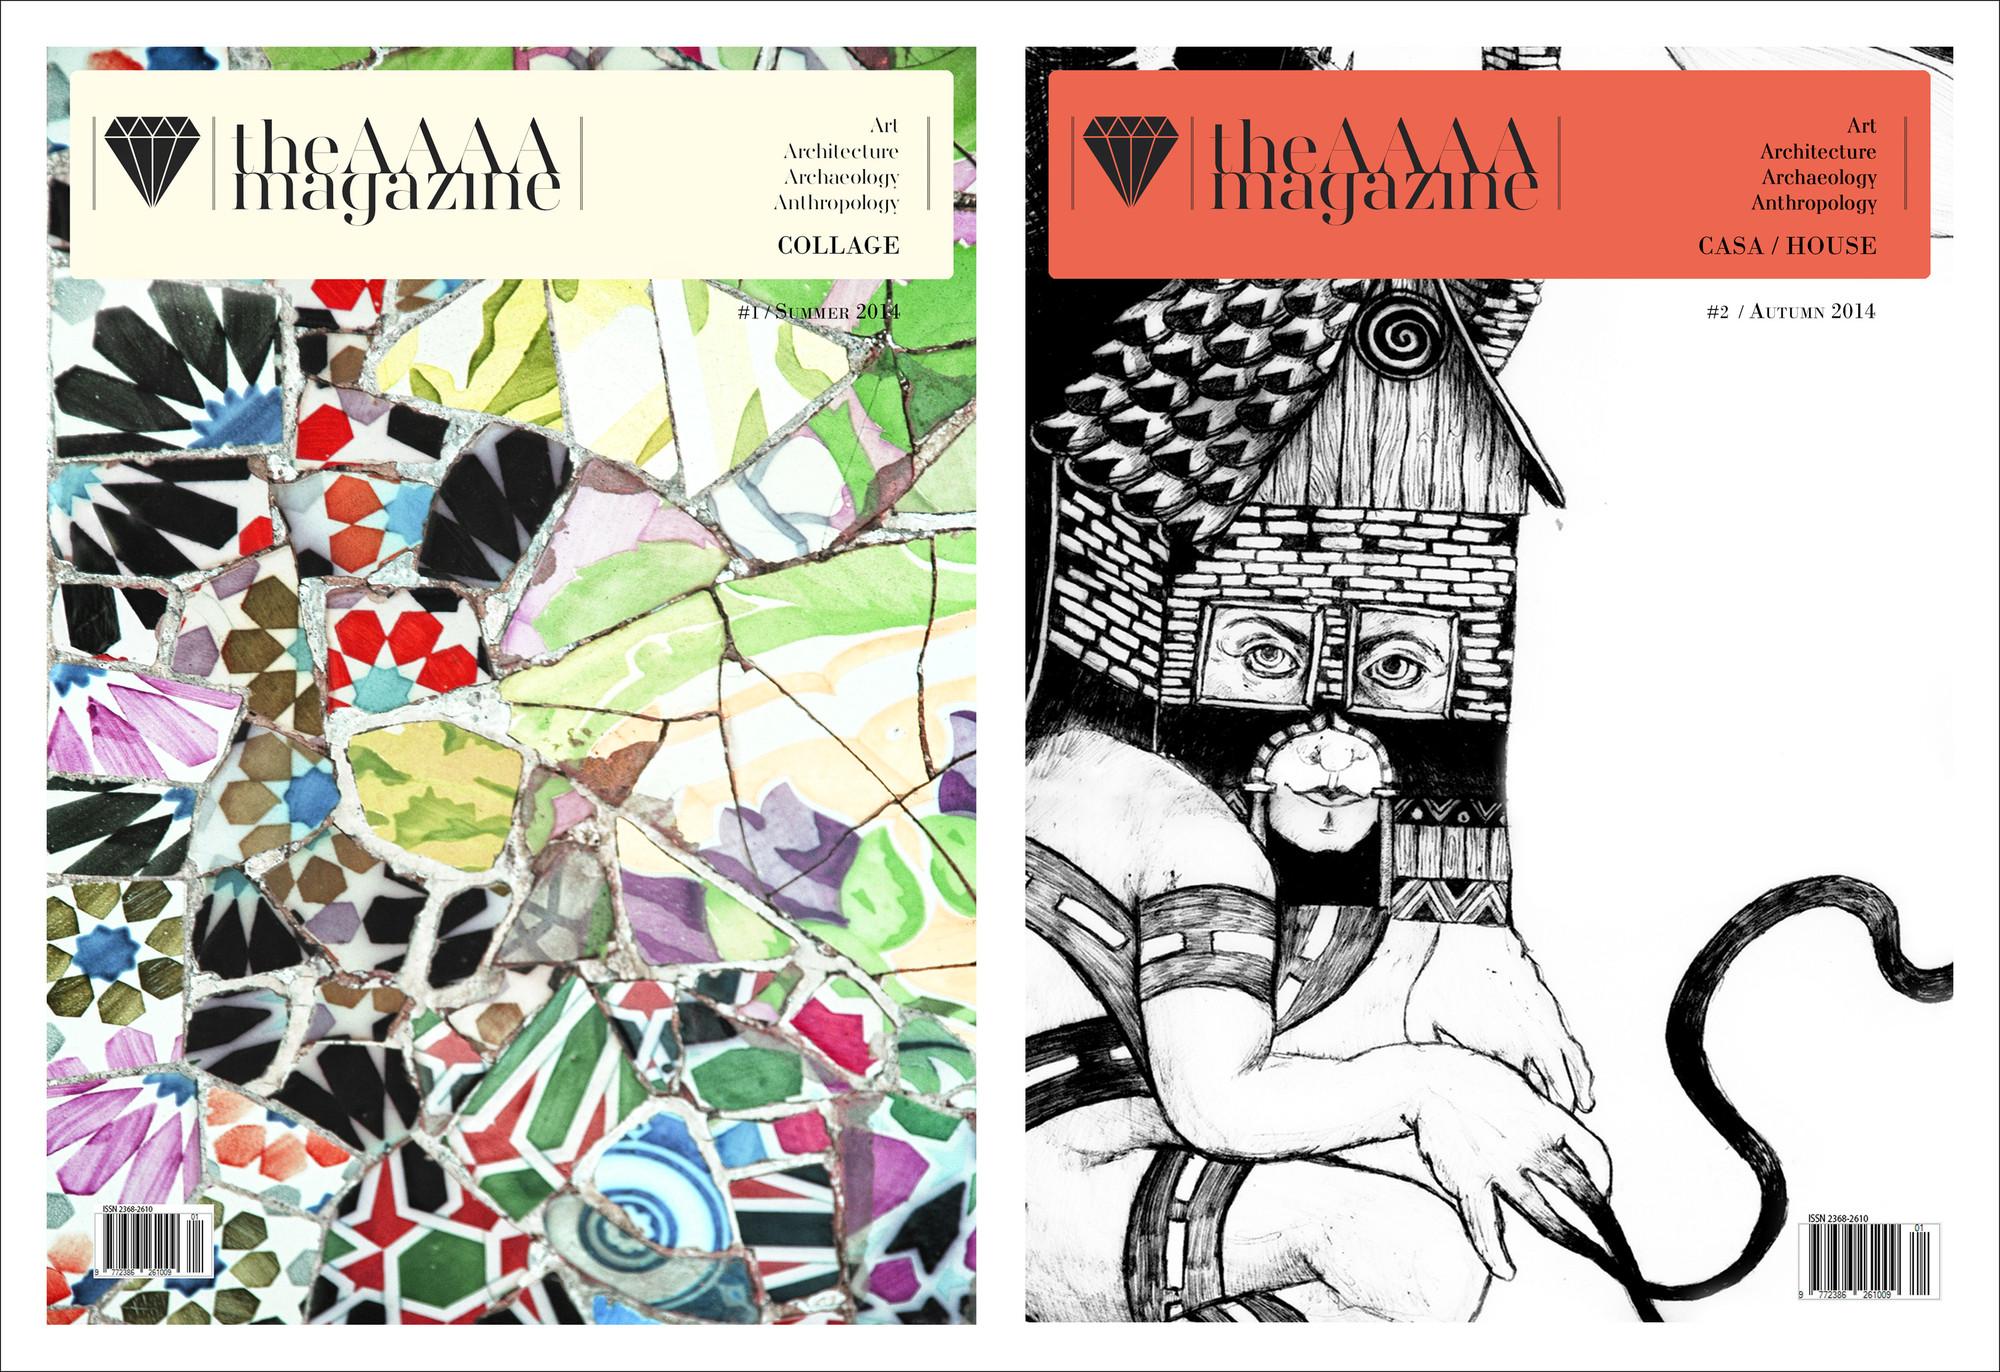 The AAAA Magazine: Estudiantes de arquitectura, creadores y protagonistas de una revista internacional, © The AAAA Magazine